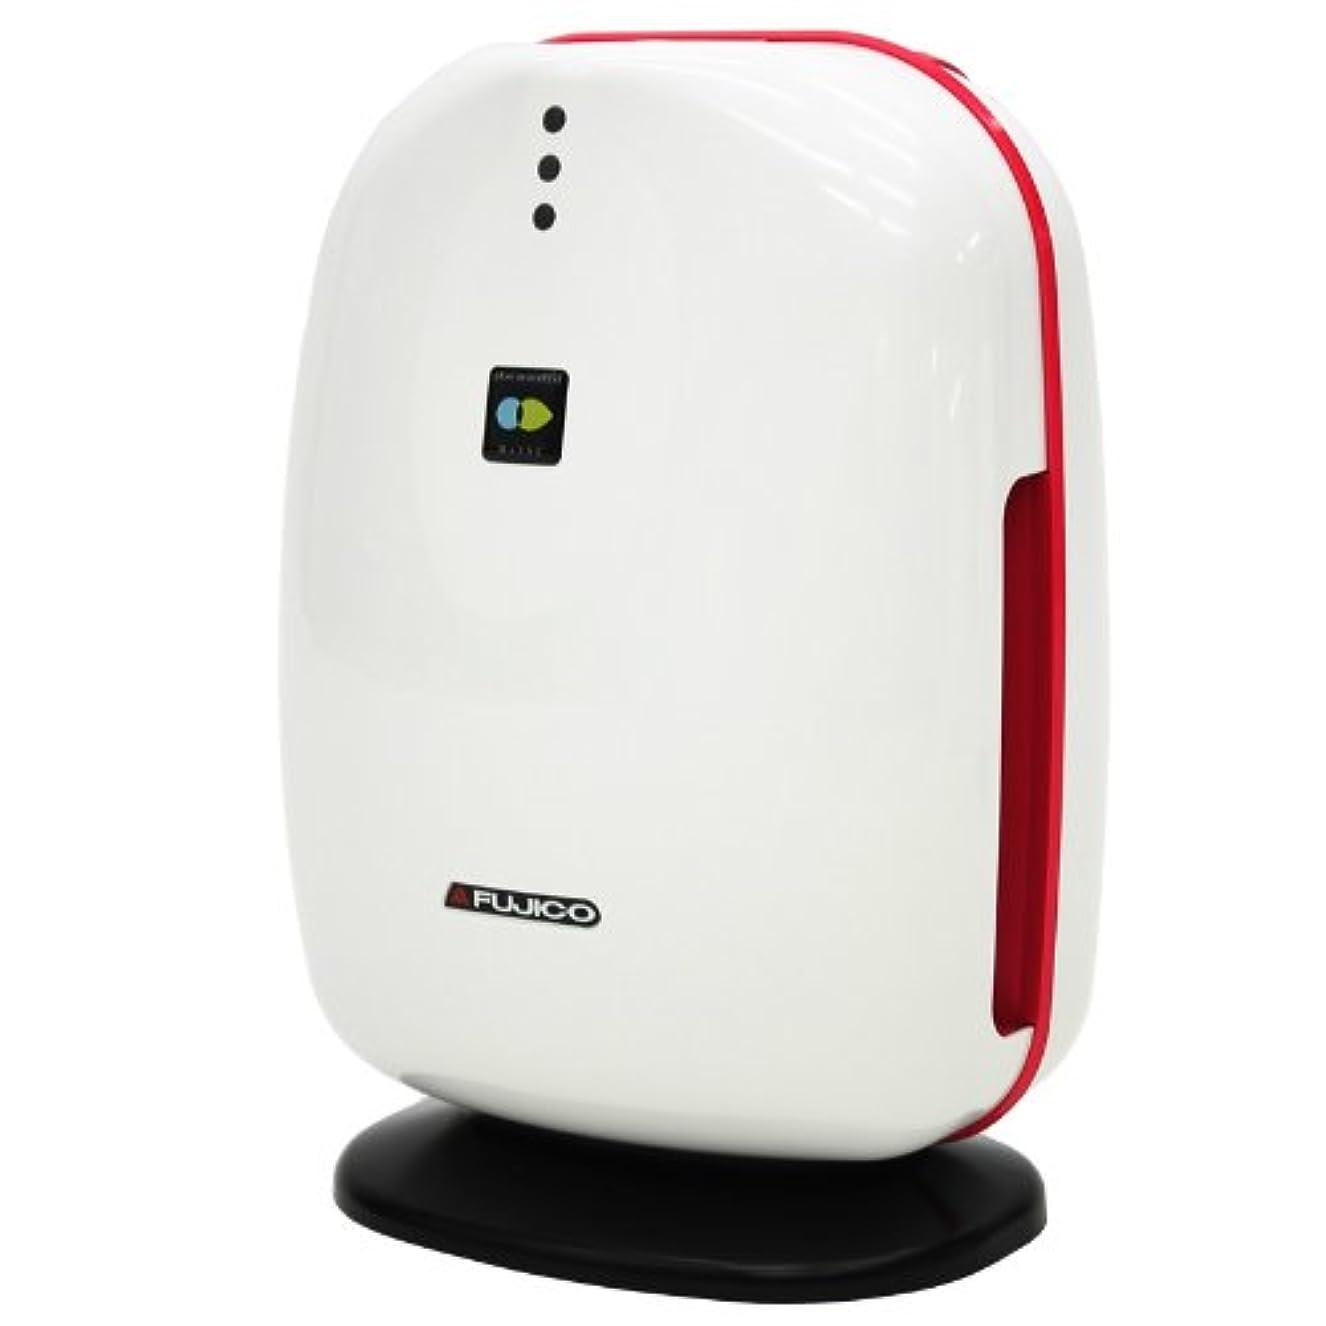 レンド可愛い水平空気消臭除菌装置マスククリーンMC-V2 ピンク